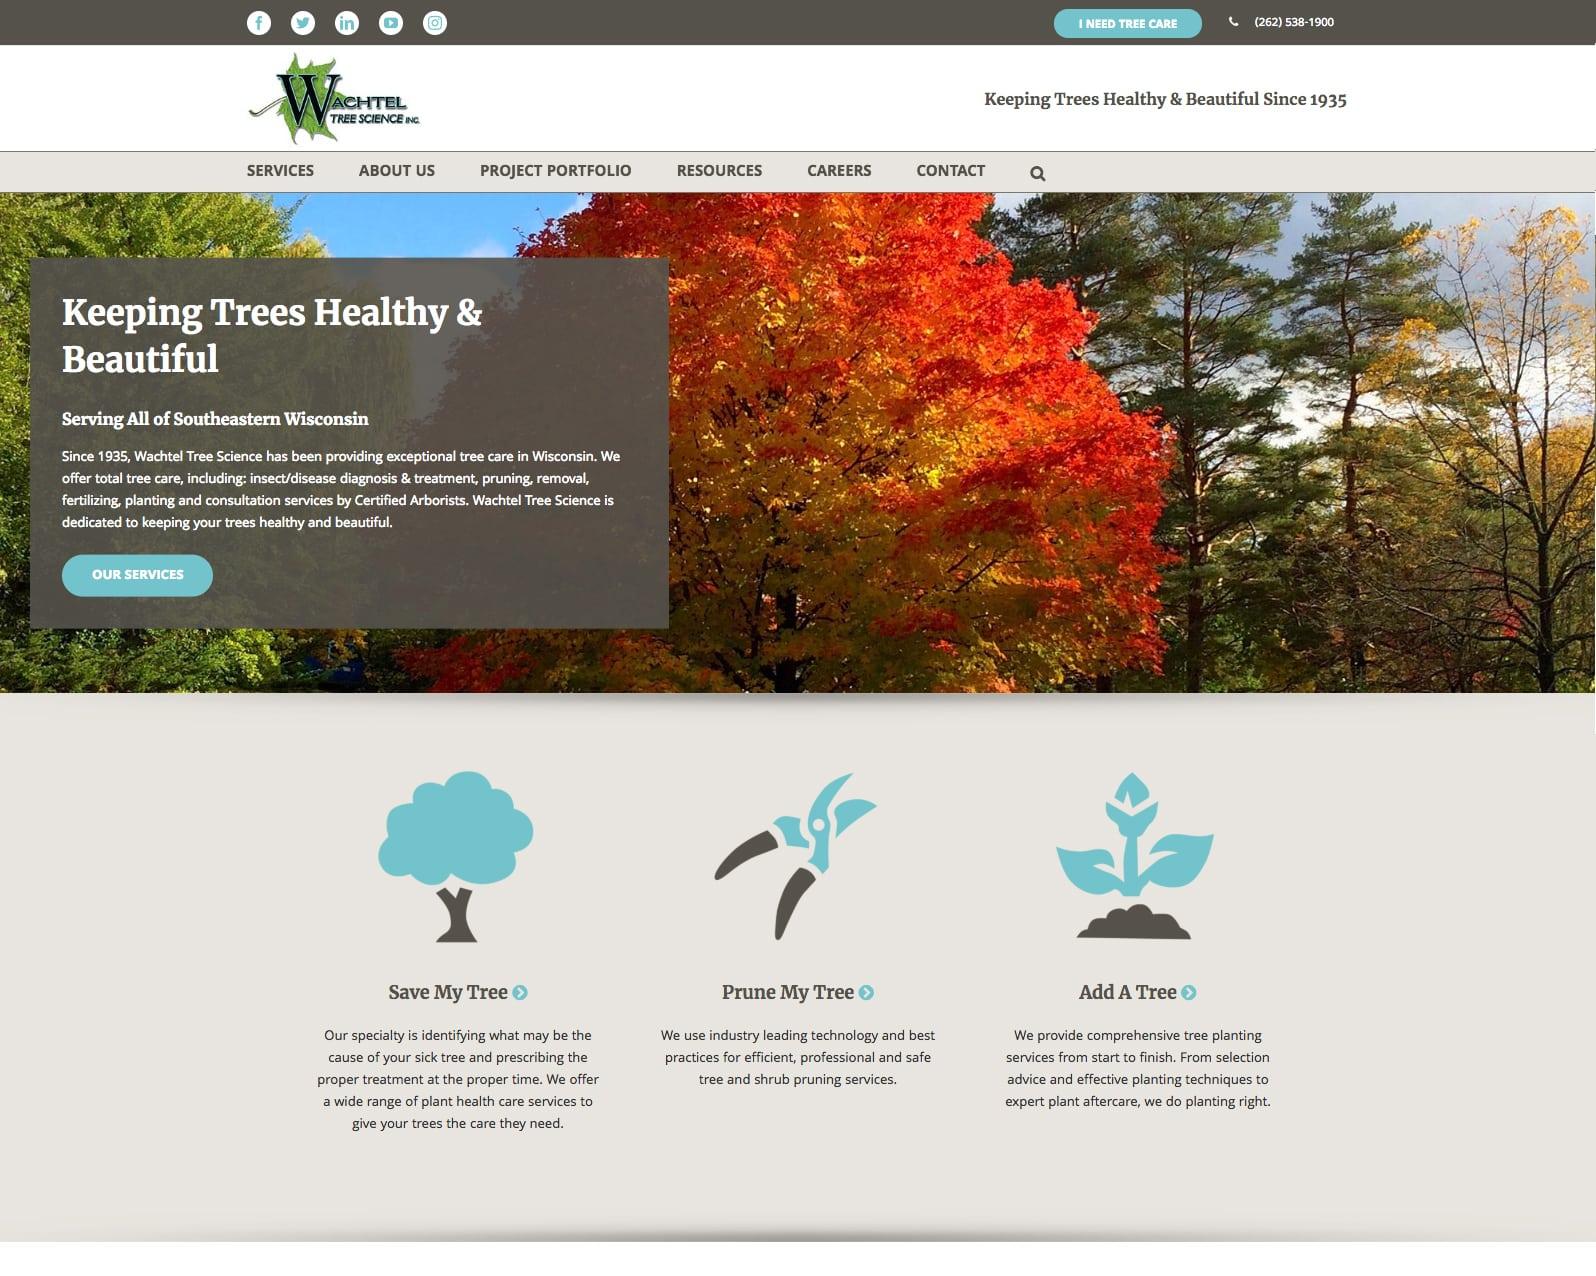 Wachtel website homepage